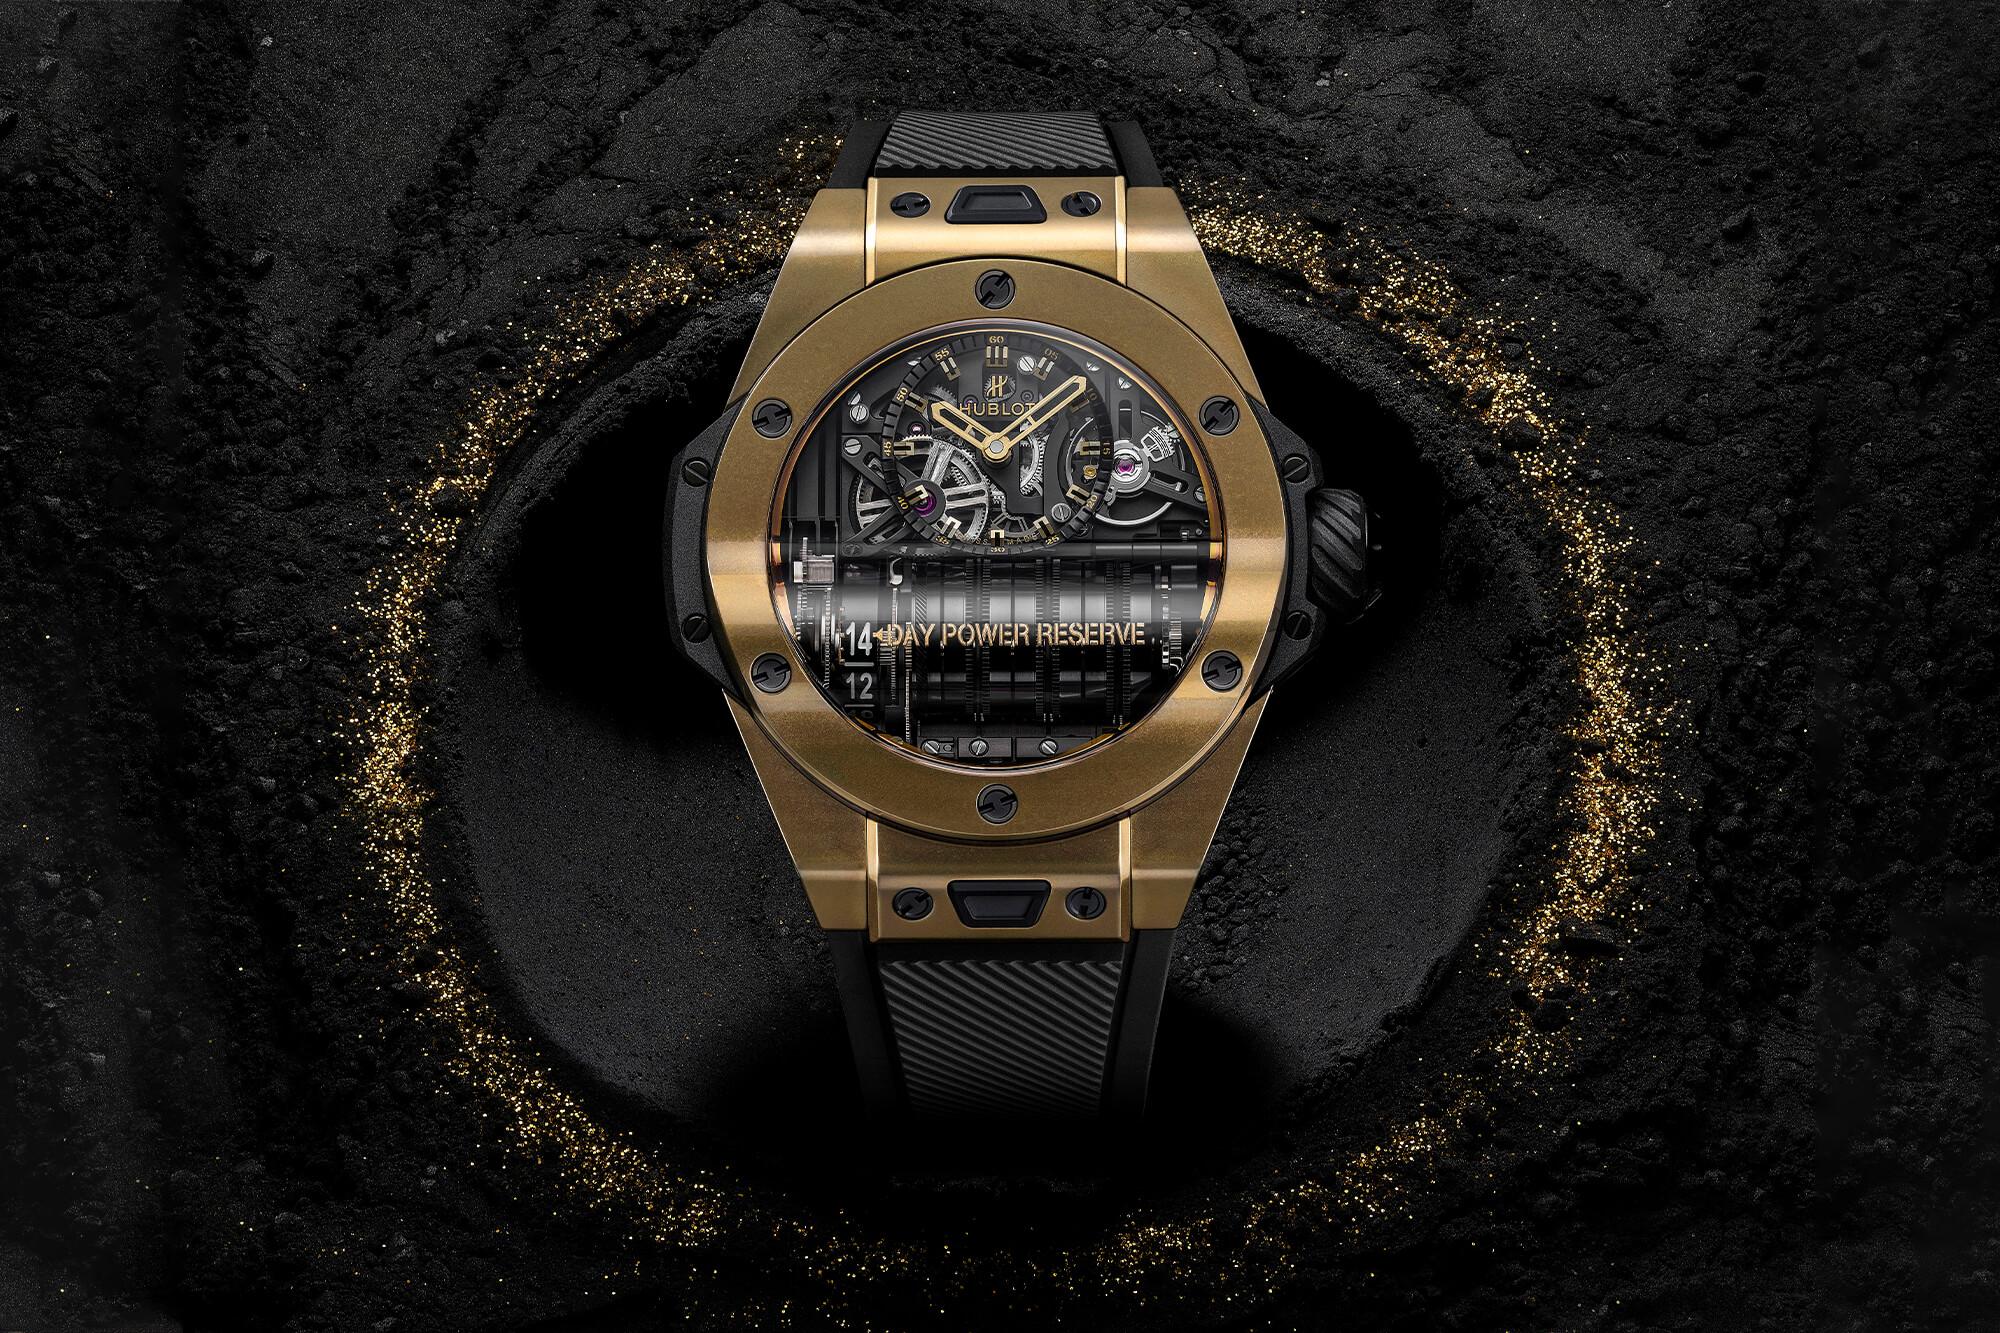 Ngắm nhìn những chiếc đồng hồ sang trọng được làm bằng kim loại quý